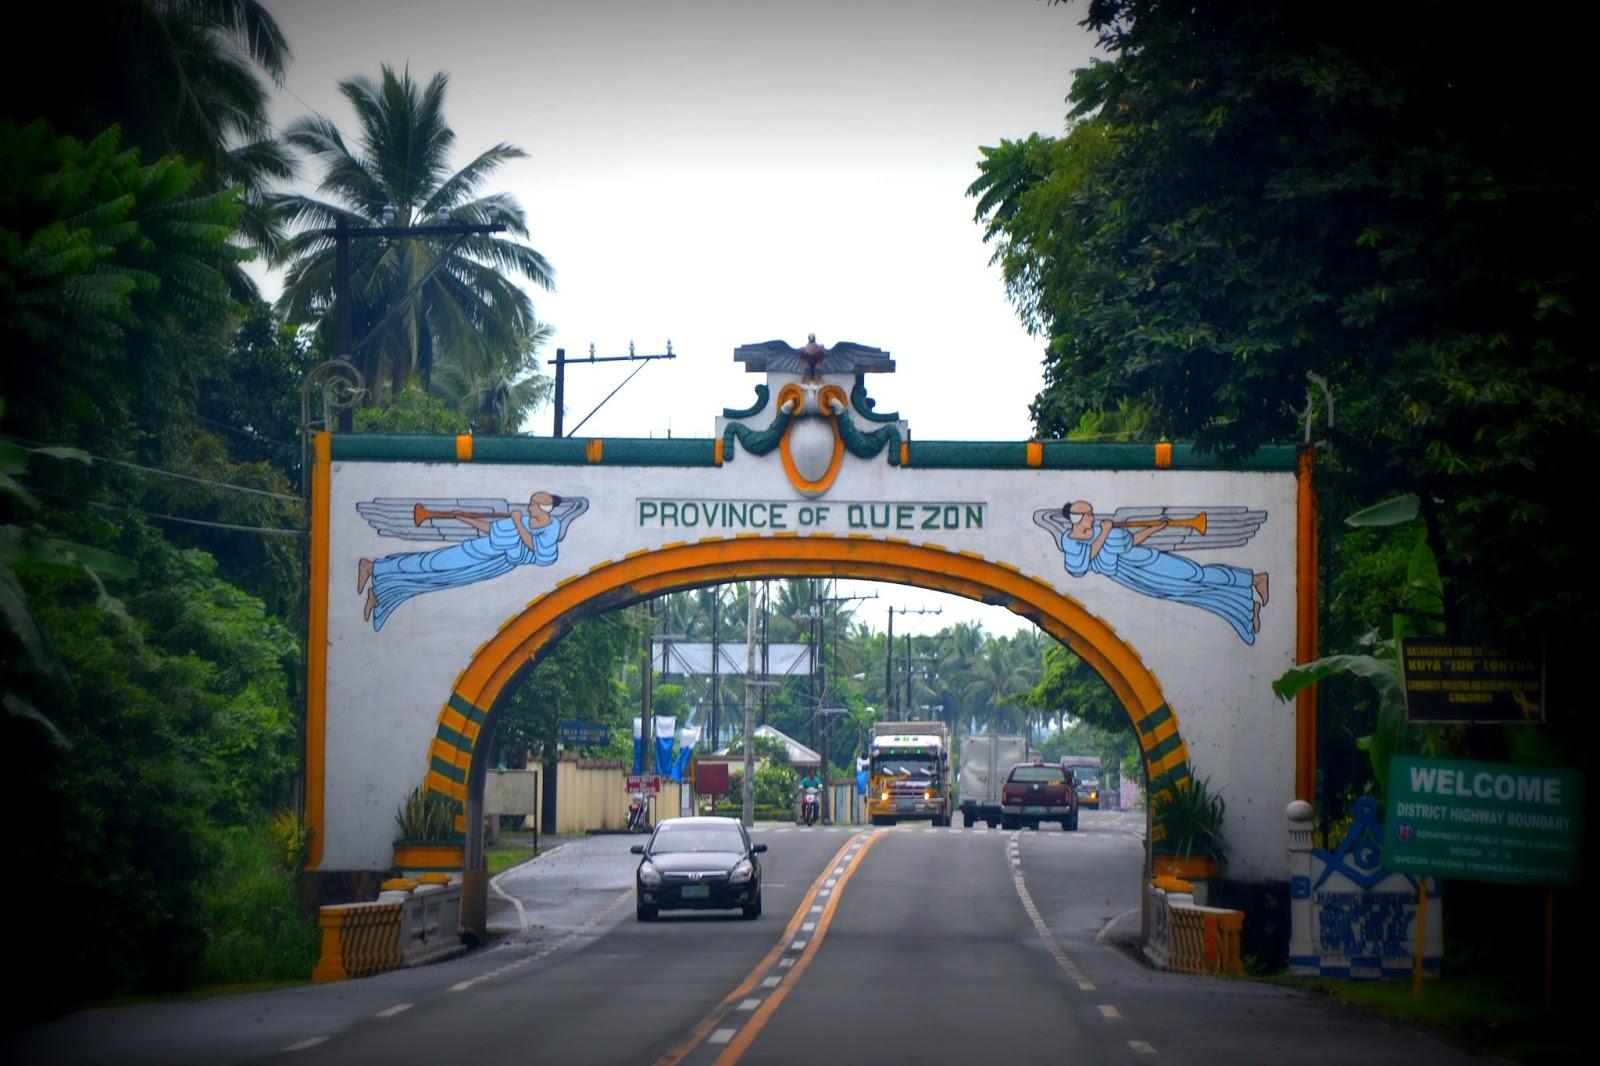 quezon landmarks of quezon province